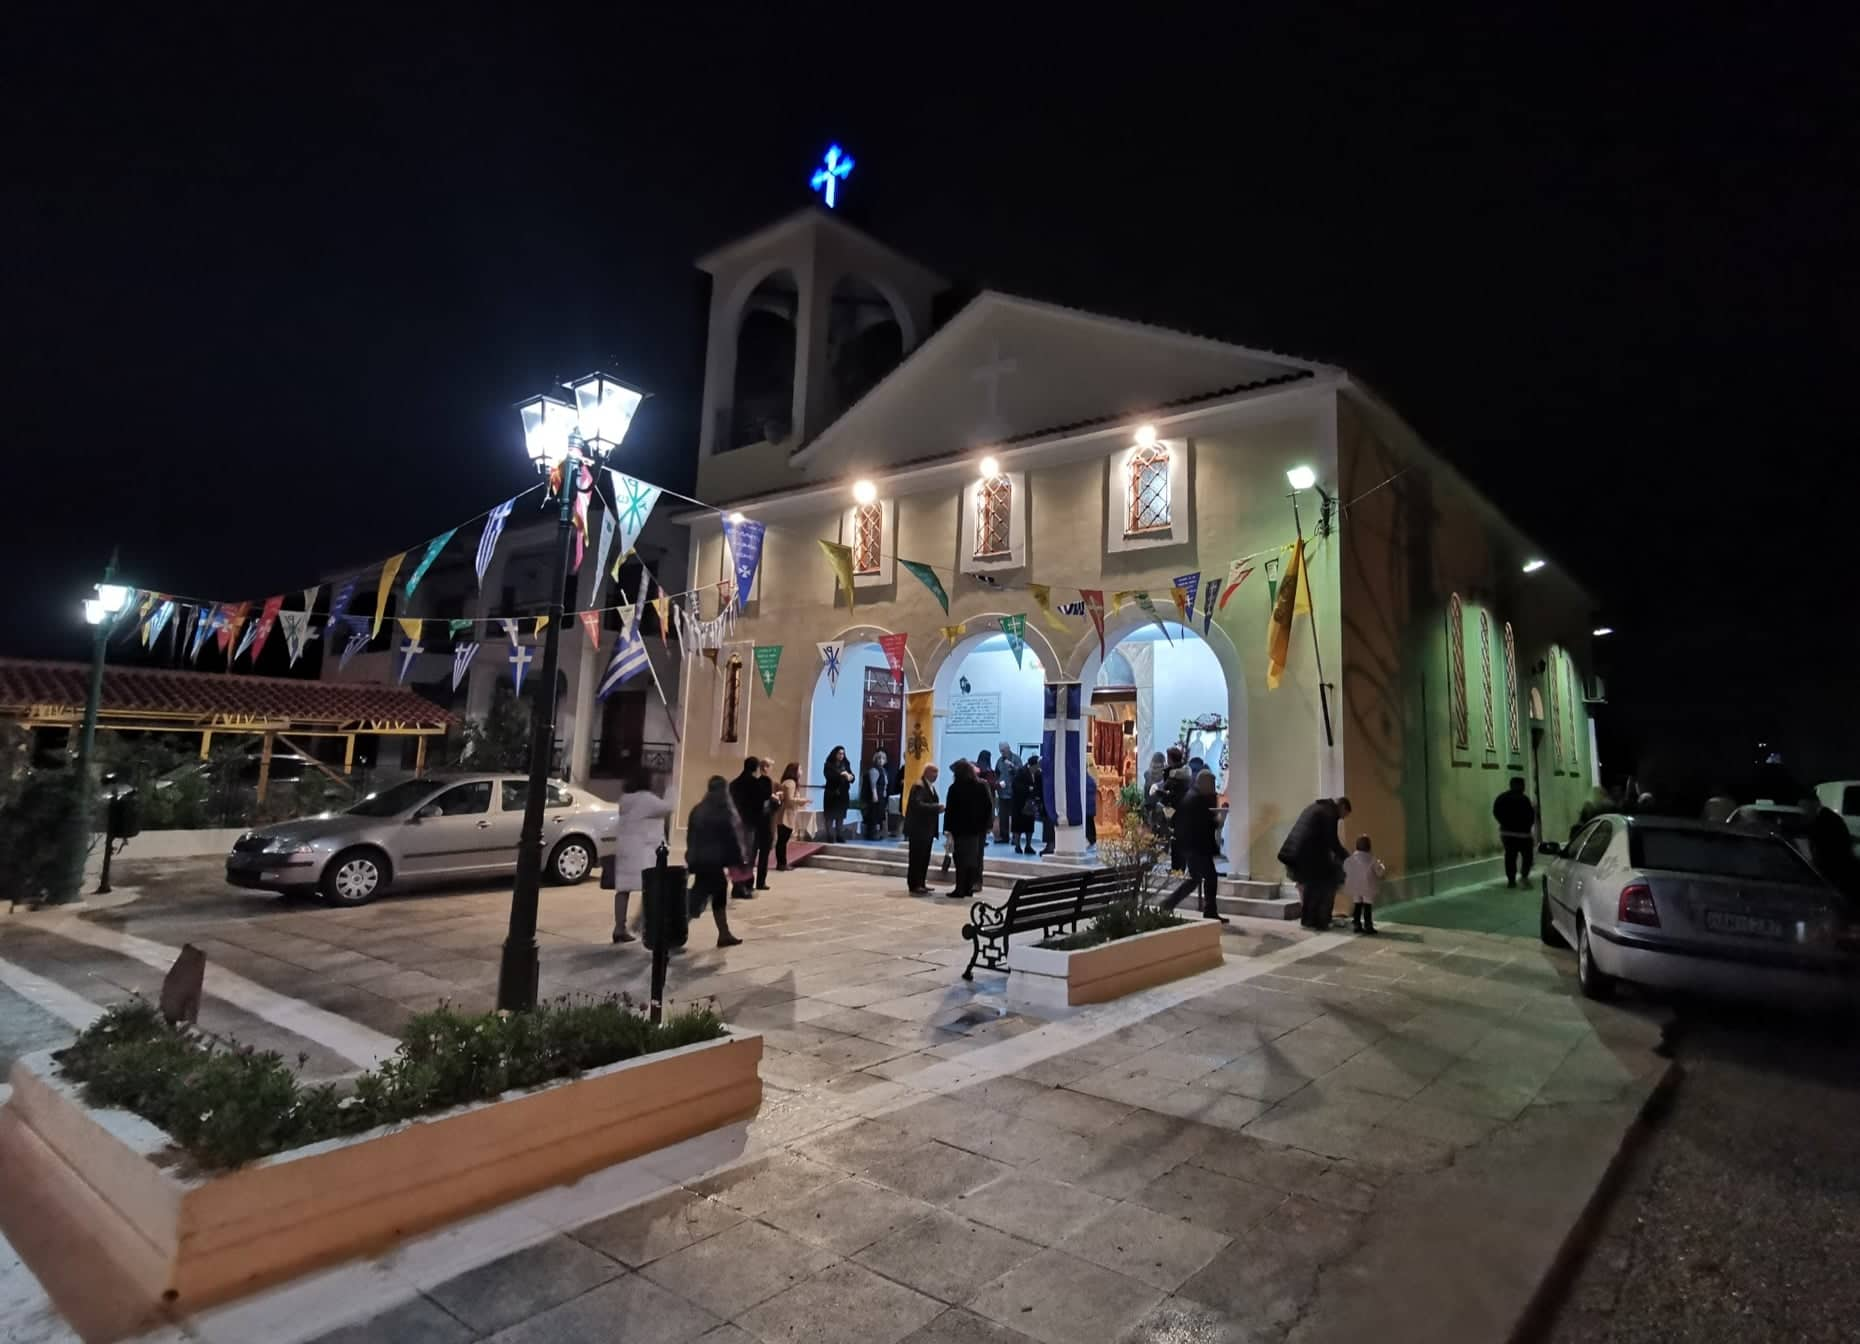 Πύργος: Στον Ι. Ναό Αγίου Ελευθερίου  εορτάστηκε ιεροπρεπώς ο «βοηθός των επίτοκων Γυναικών», Ιερομάρτυς Ελευθέριος (photos)